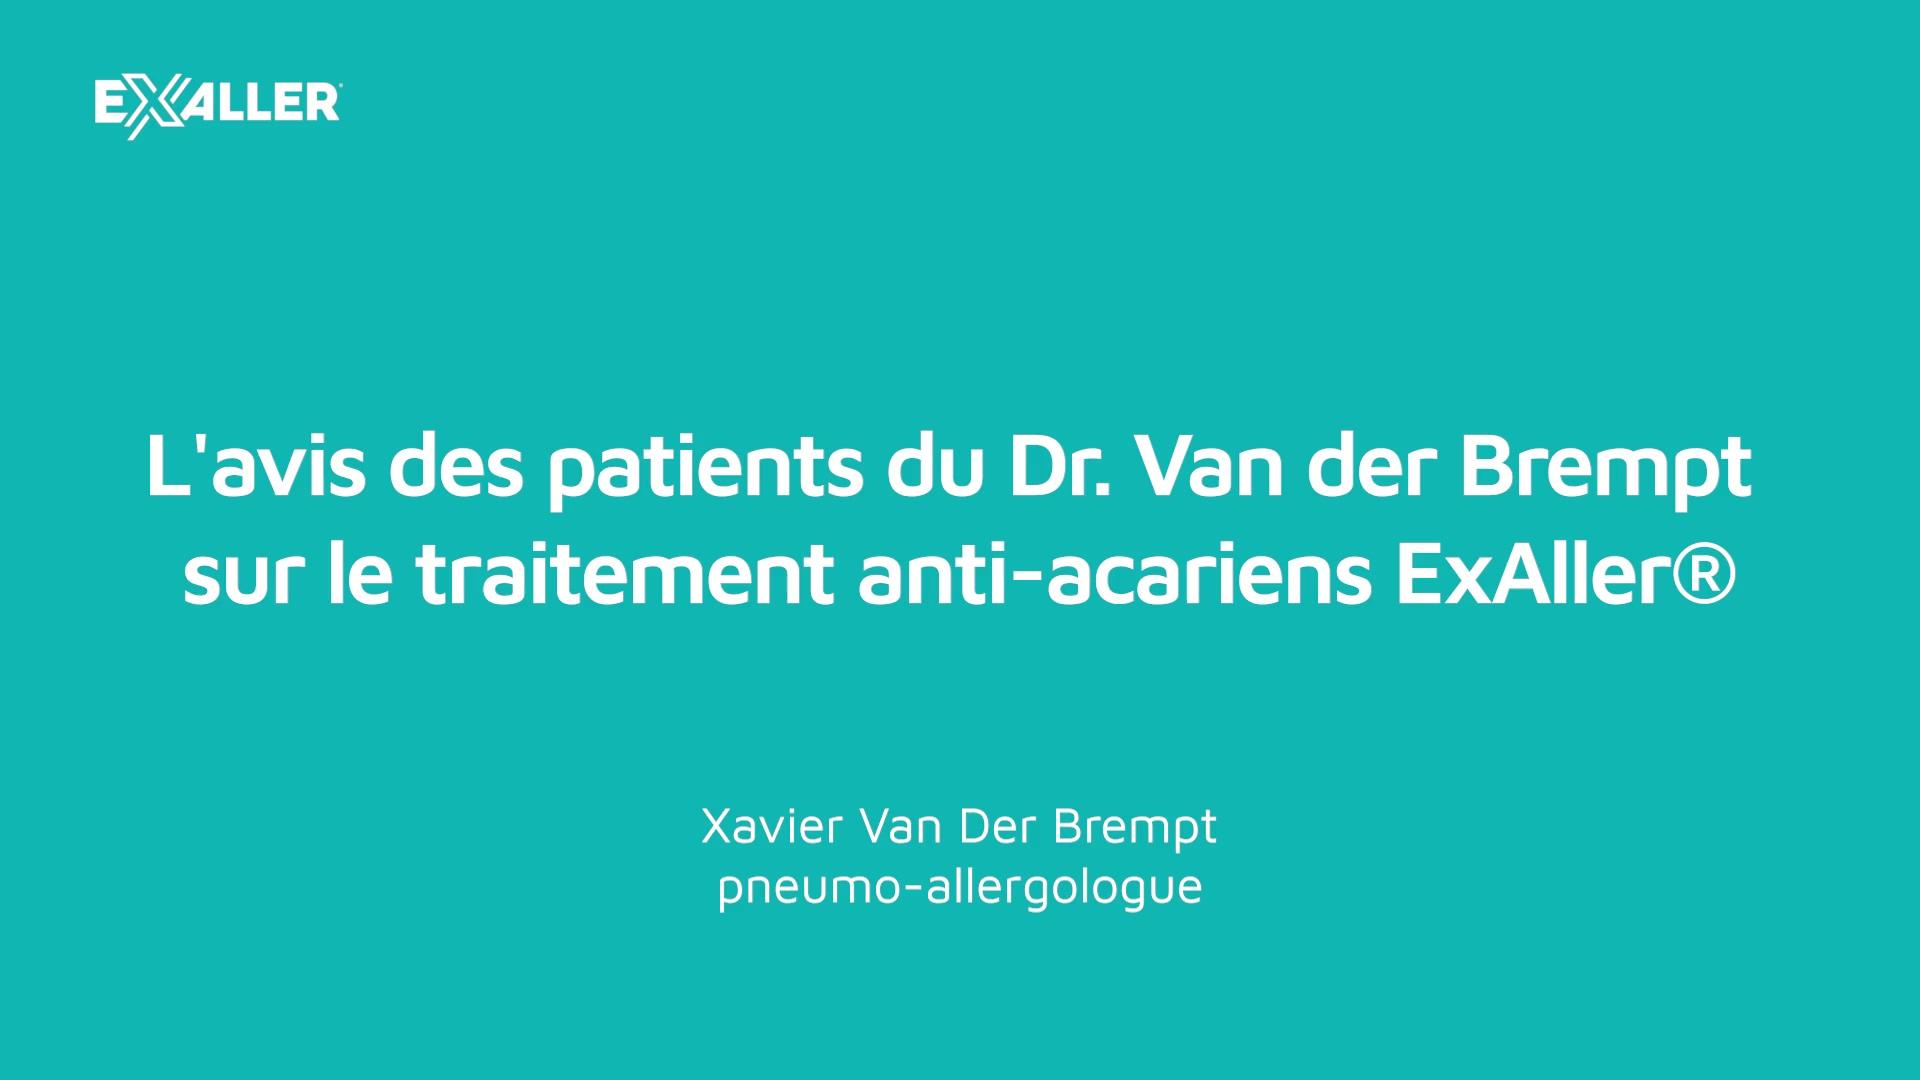 X15 Lavis des patients du Dr. Van der Brempt sur le traitement anti-acariens ExAller